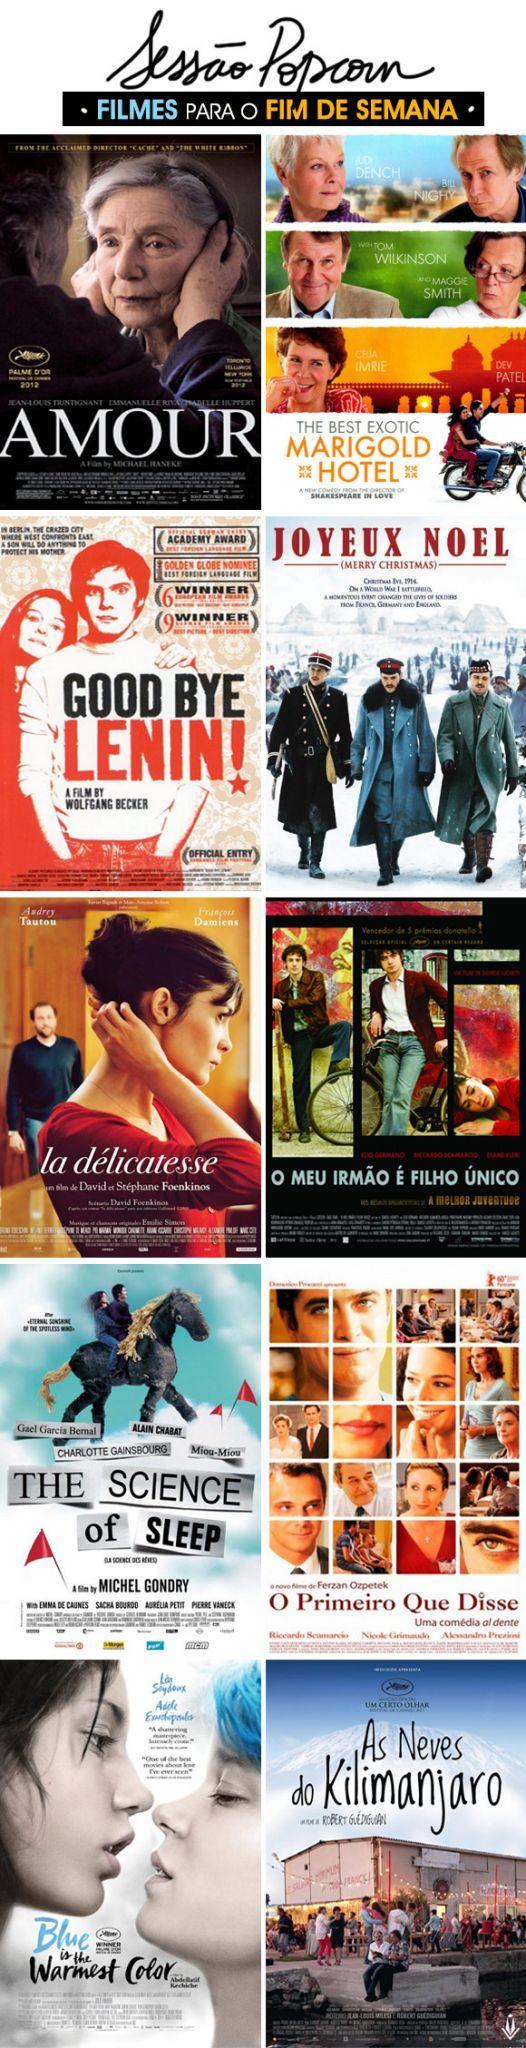 """Por Ricardo Perotti Sabe quando alguém fala """"vi um filme europeu"""" e você imediatamente pensa em um filme parado, com atuação mediana e tramas desinteressantes? PARE! Você viu os filmes errados! Claro, o número de explosões por minuto é reduzido a zero, e os amores costumam ser mais sofridos. Mas é nesse cinema mais realista e honesto onde encontramos as emoções igualmente verdadeiras. Separei uma lista bem variada de filmes para até quem diz que só gosta de cinema mainstream não colocar…"""